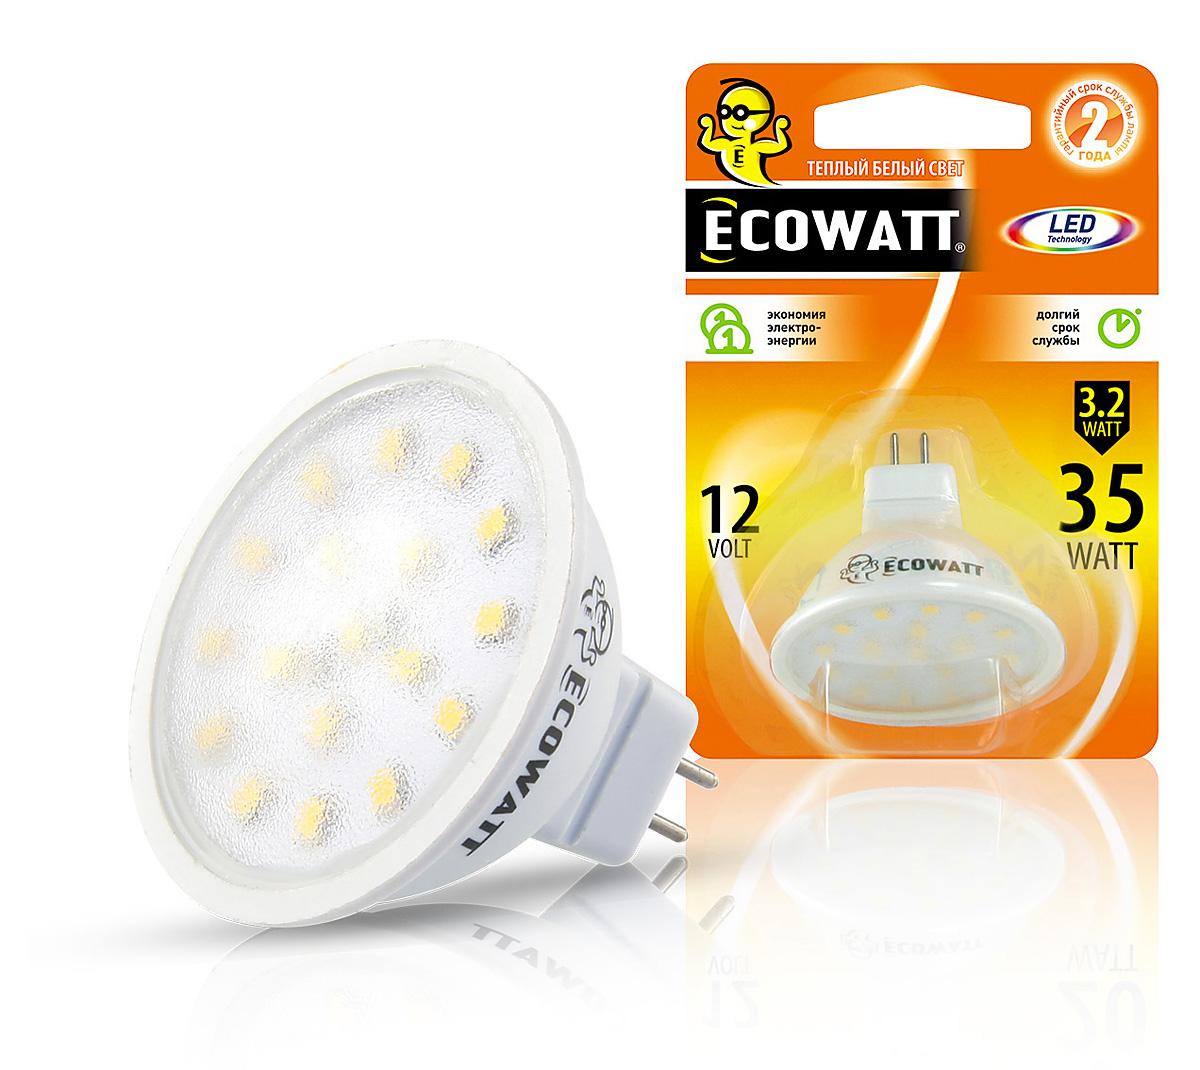 Лампа светодиодная Ecowatt Mr16 12В 3.2(35)w 2700k gu5.3  - Купить